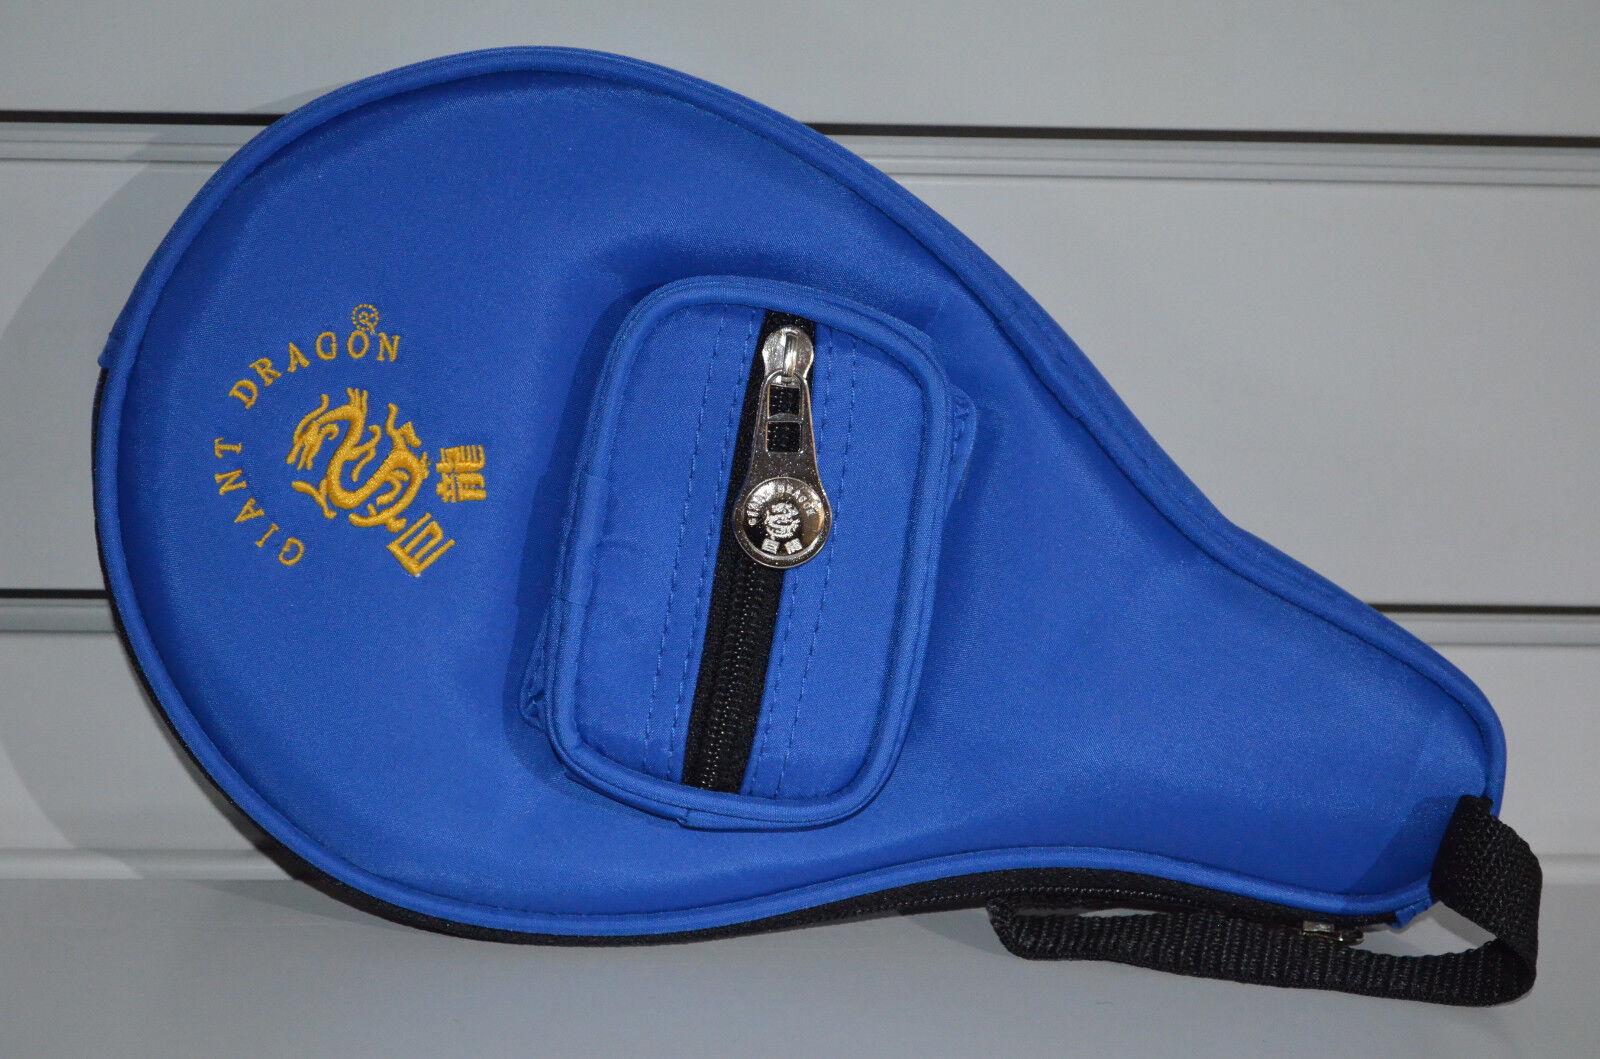 B-Ware Schnäppchen Tischtennis Profi 2er Set TT-Schläger mit blauer Hülle!